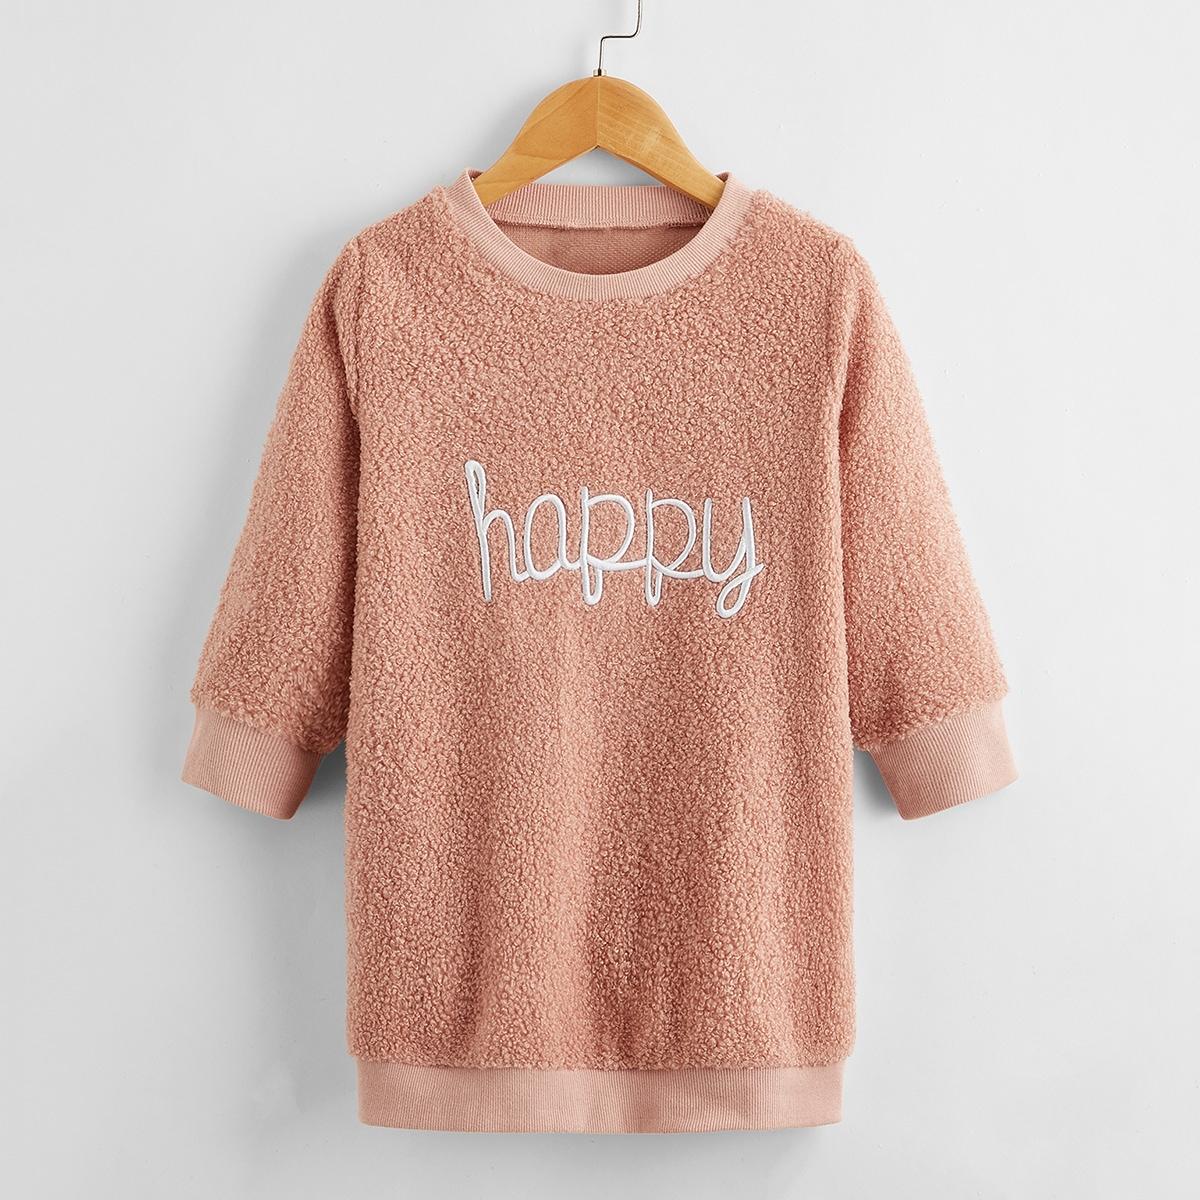 Плюшевое платье-свитшот с текстовой вышивкой для девочек